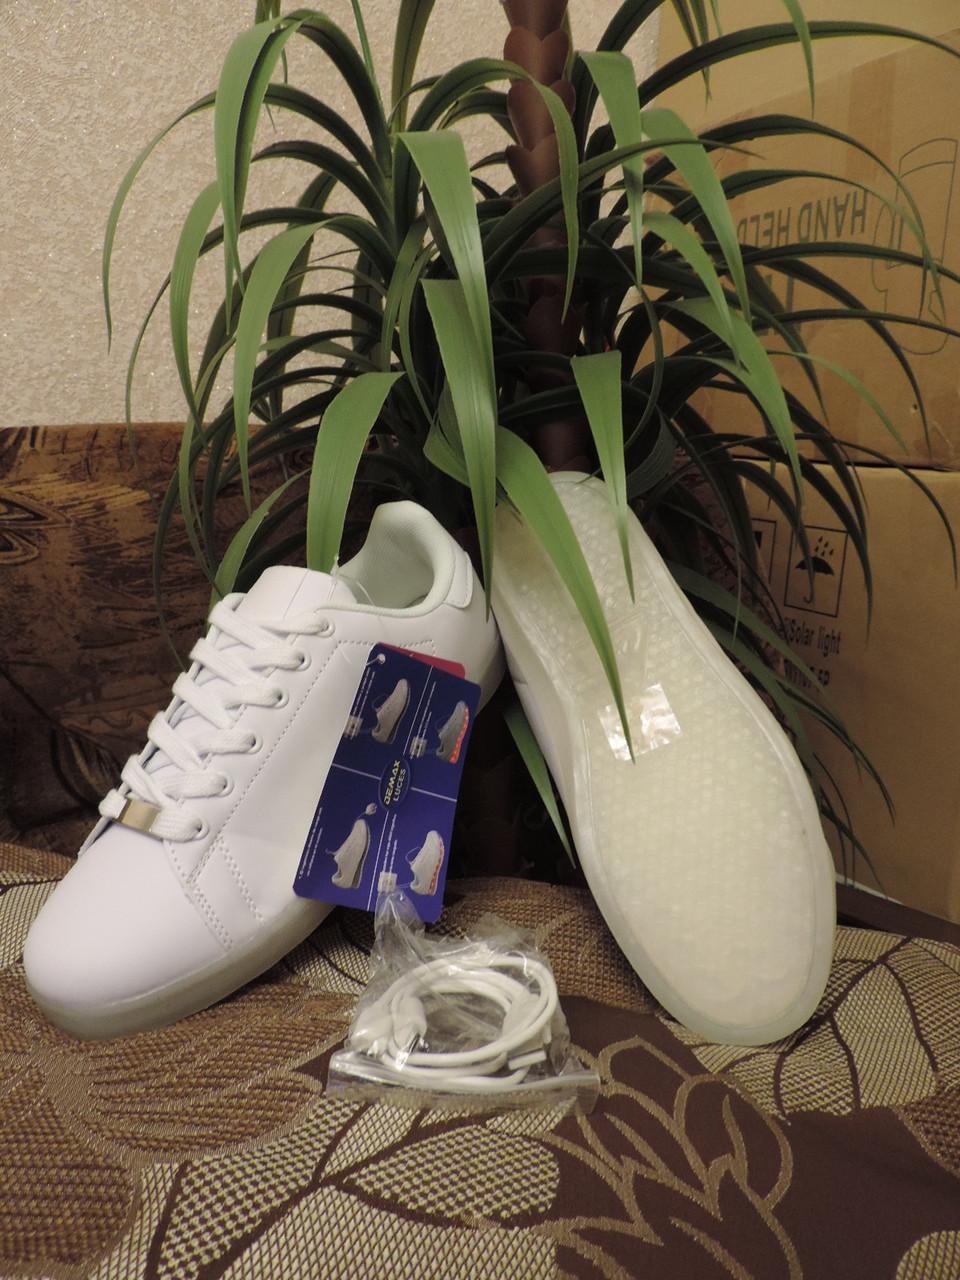 Светящиеся женские кроссовки Demax Luces (Испания). Реплика